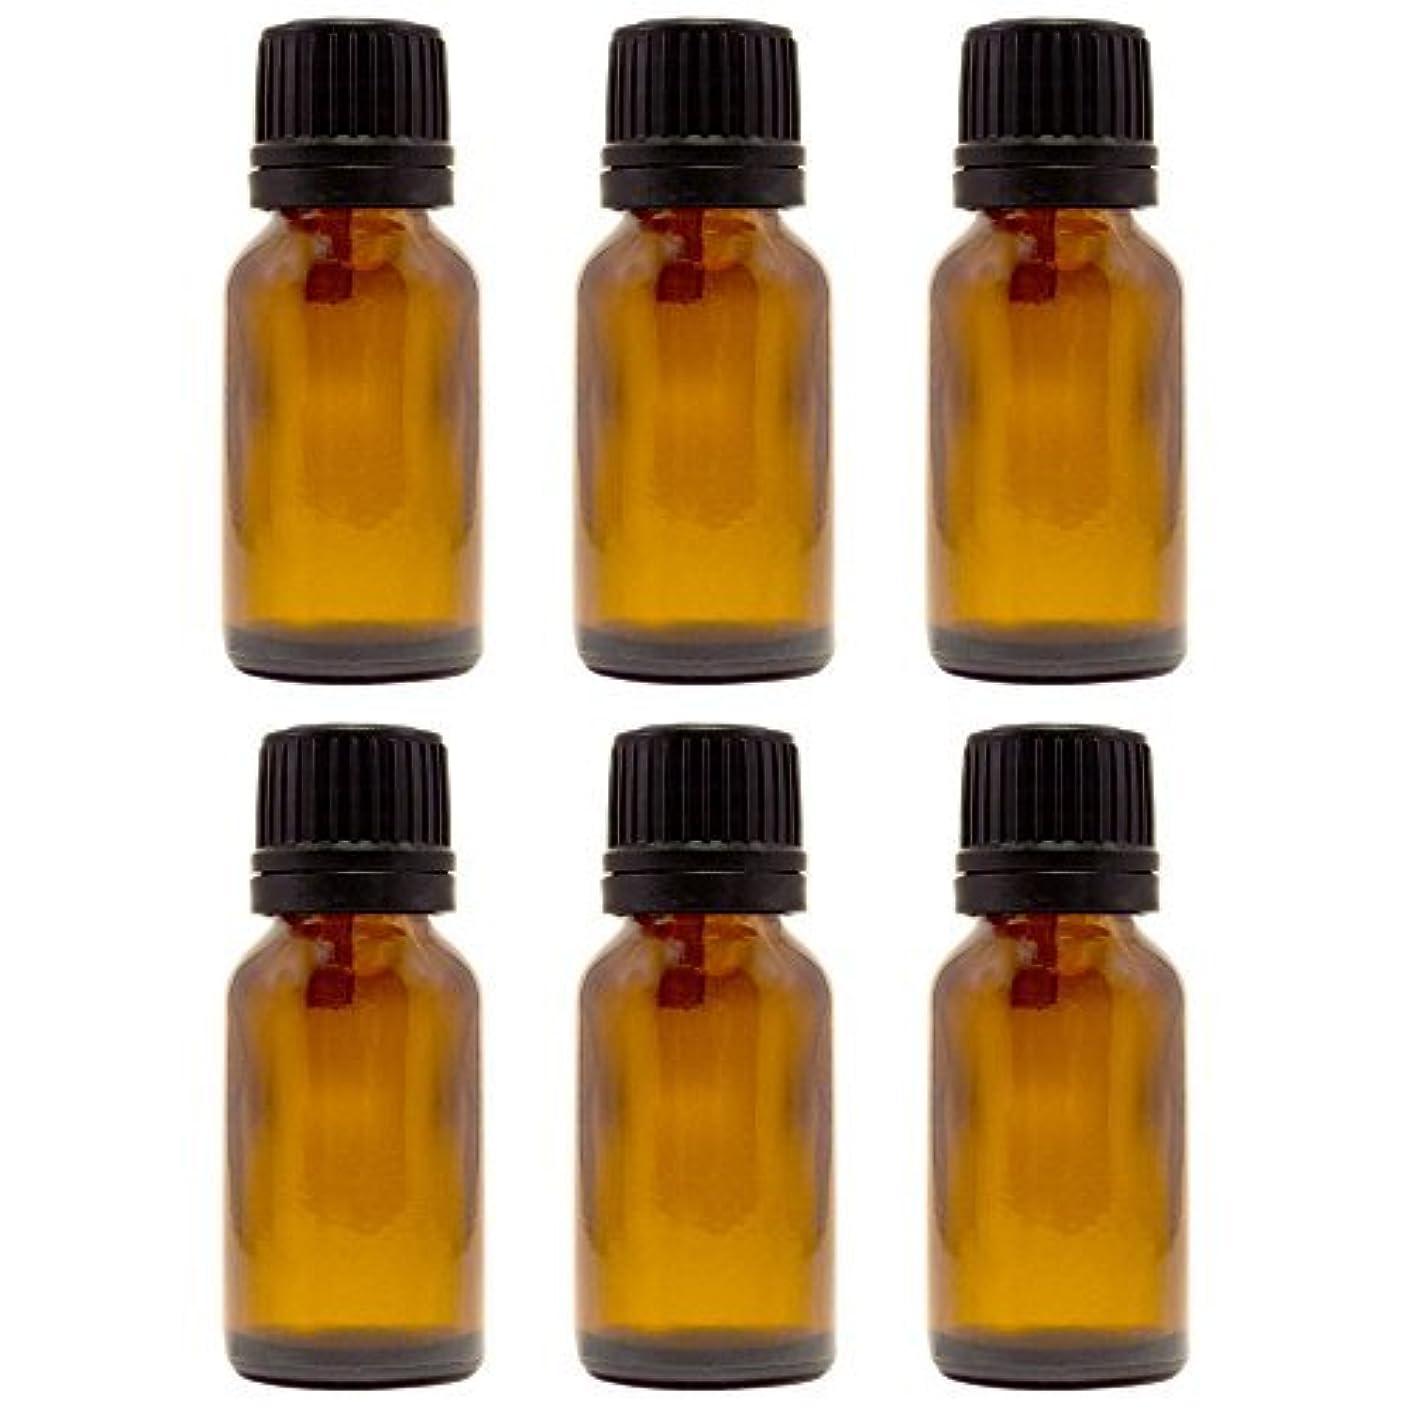 あたりベルベット白菜15 ml (1/2 fl oz) Amber Glass Bottle with Euro Dropper (6 Pack) [並行輸入品]